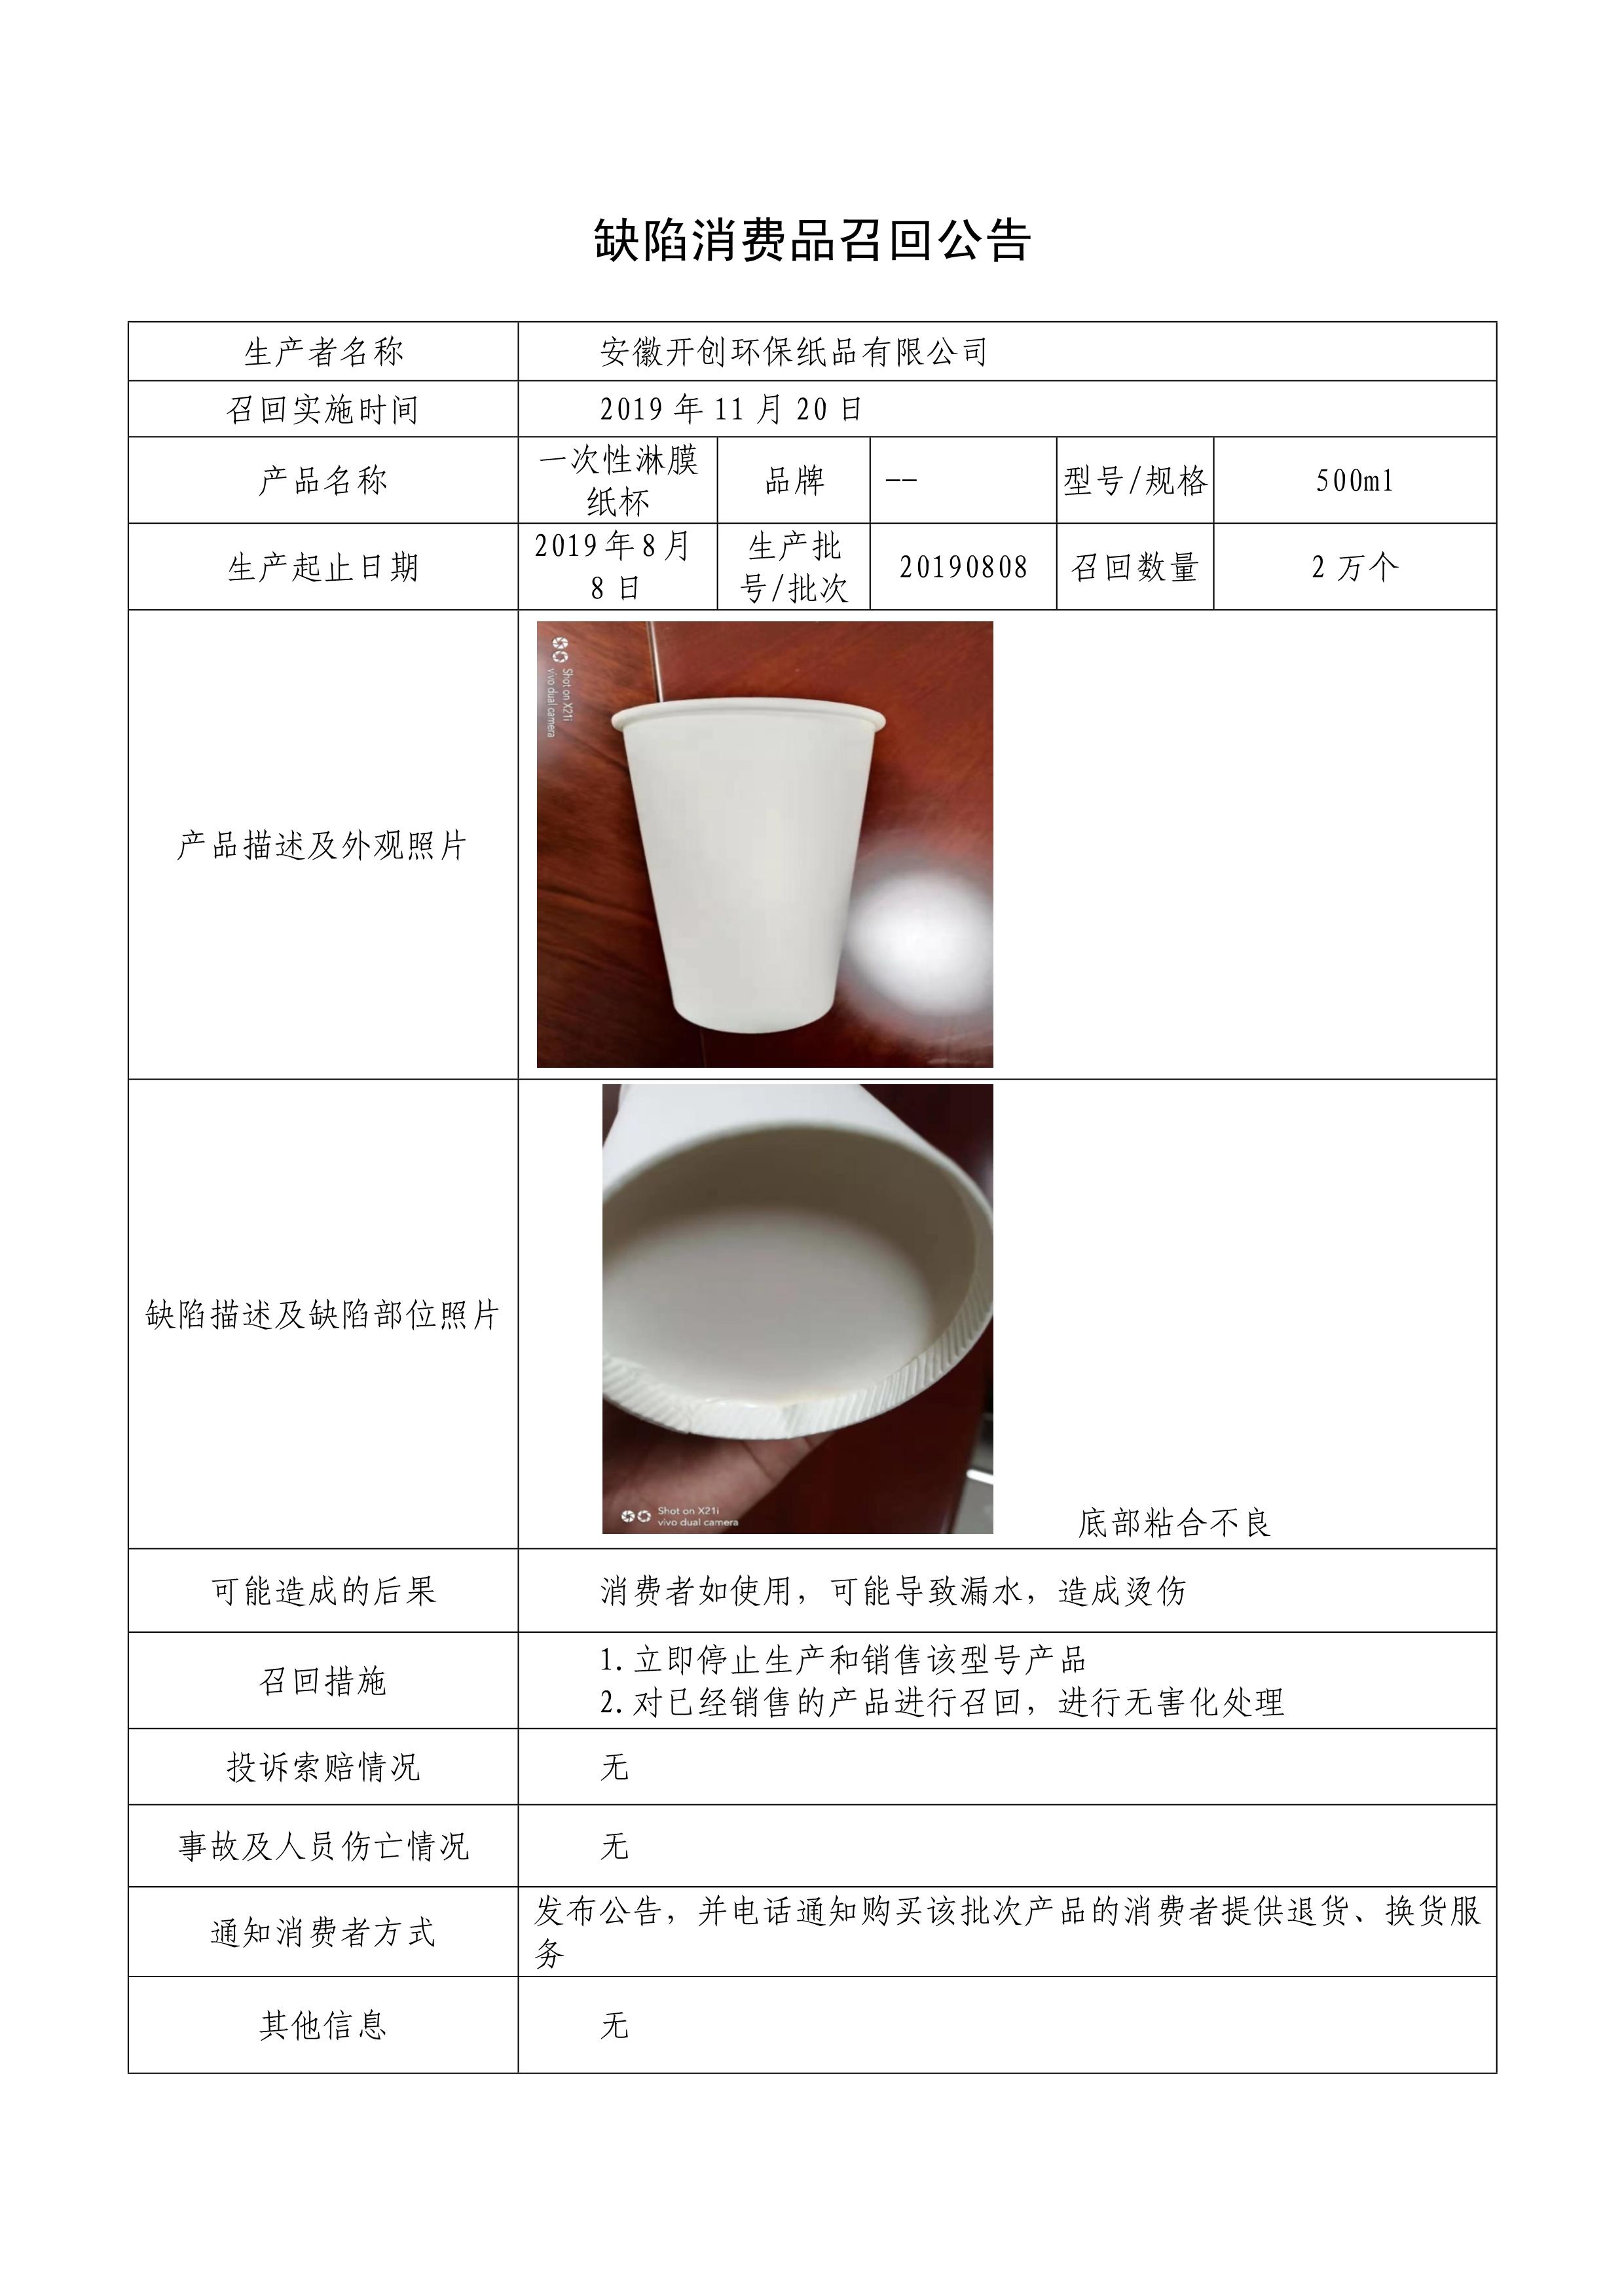 """安徽开创环保纸品万博max登陆 万博max手机部分""""一次性淋膜纸杯"""""""